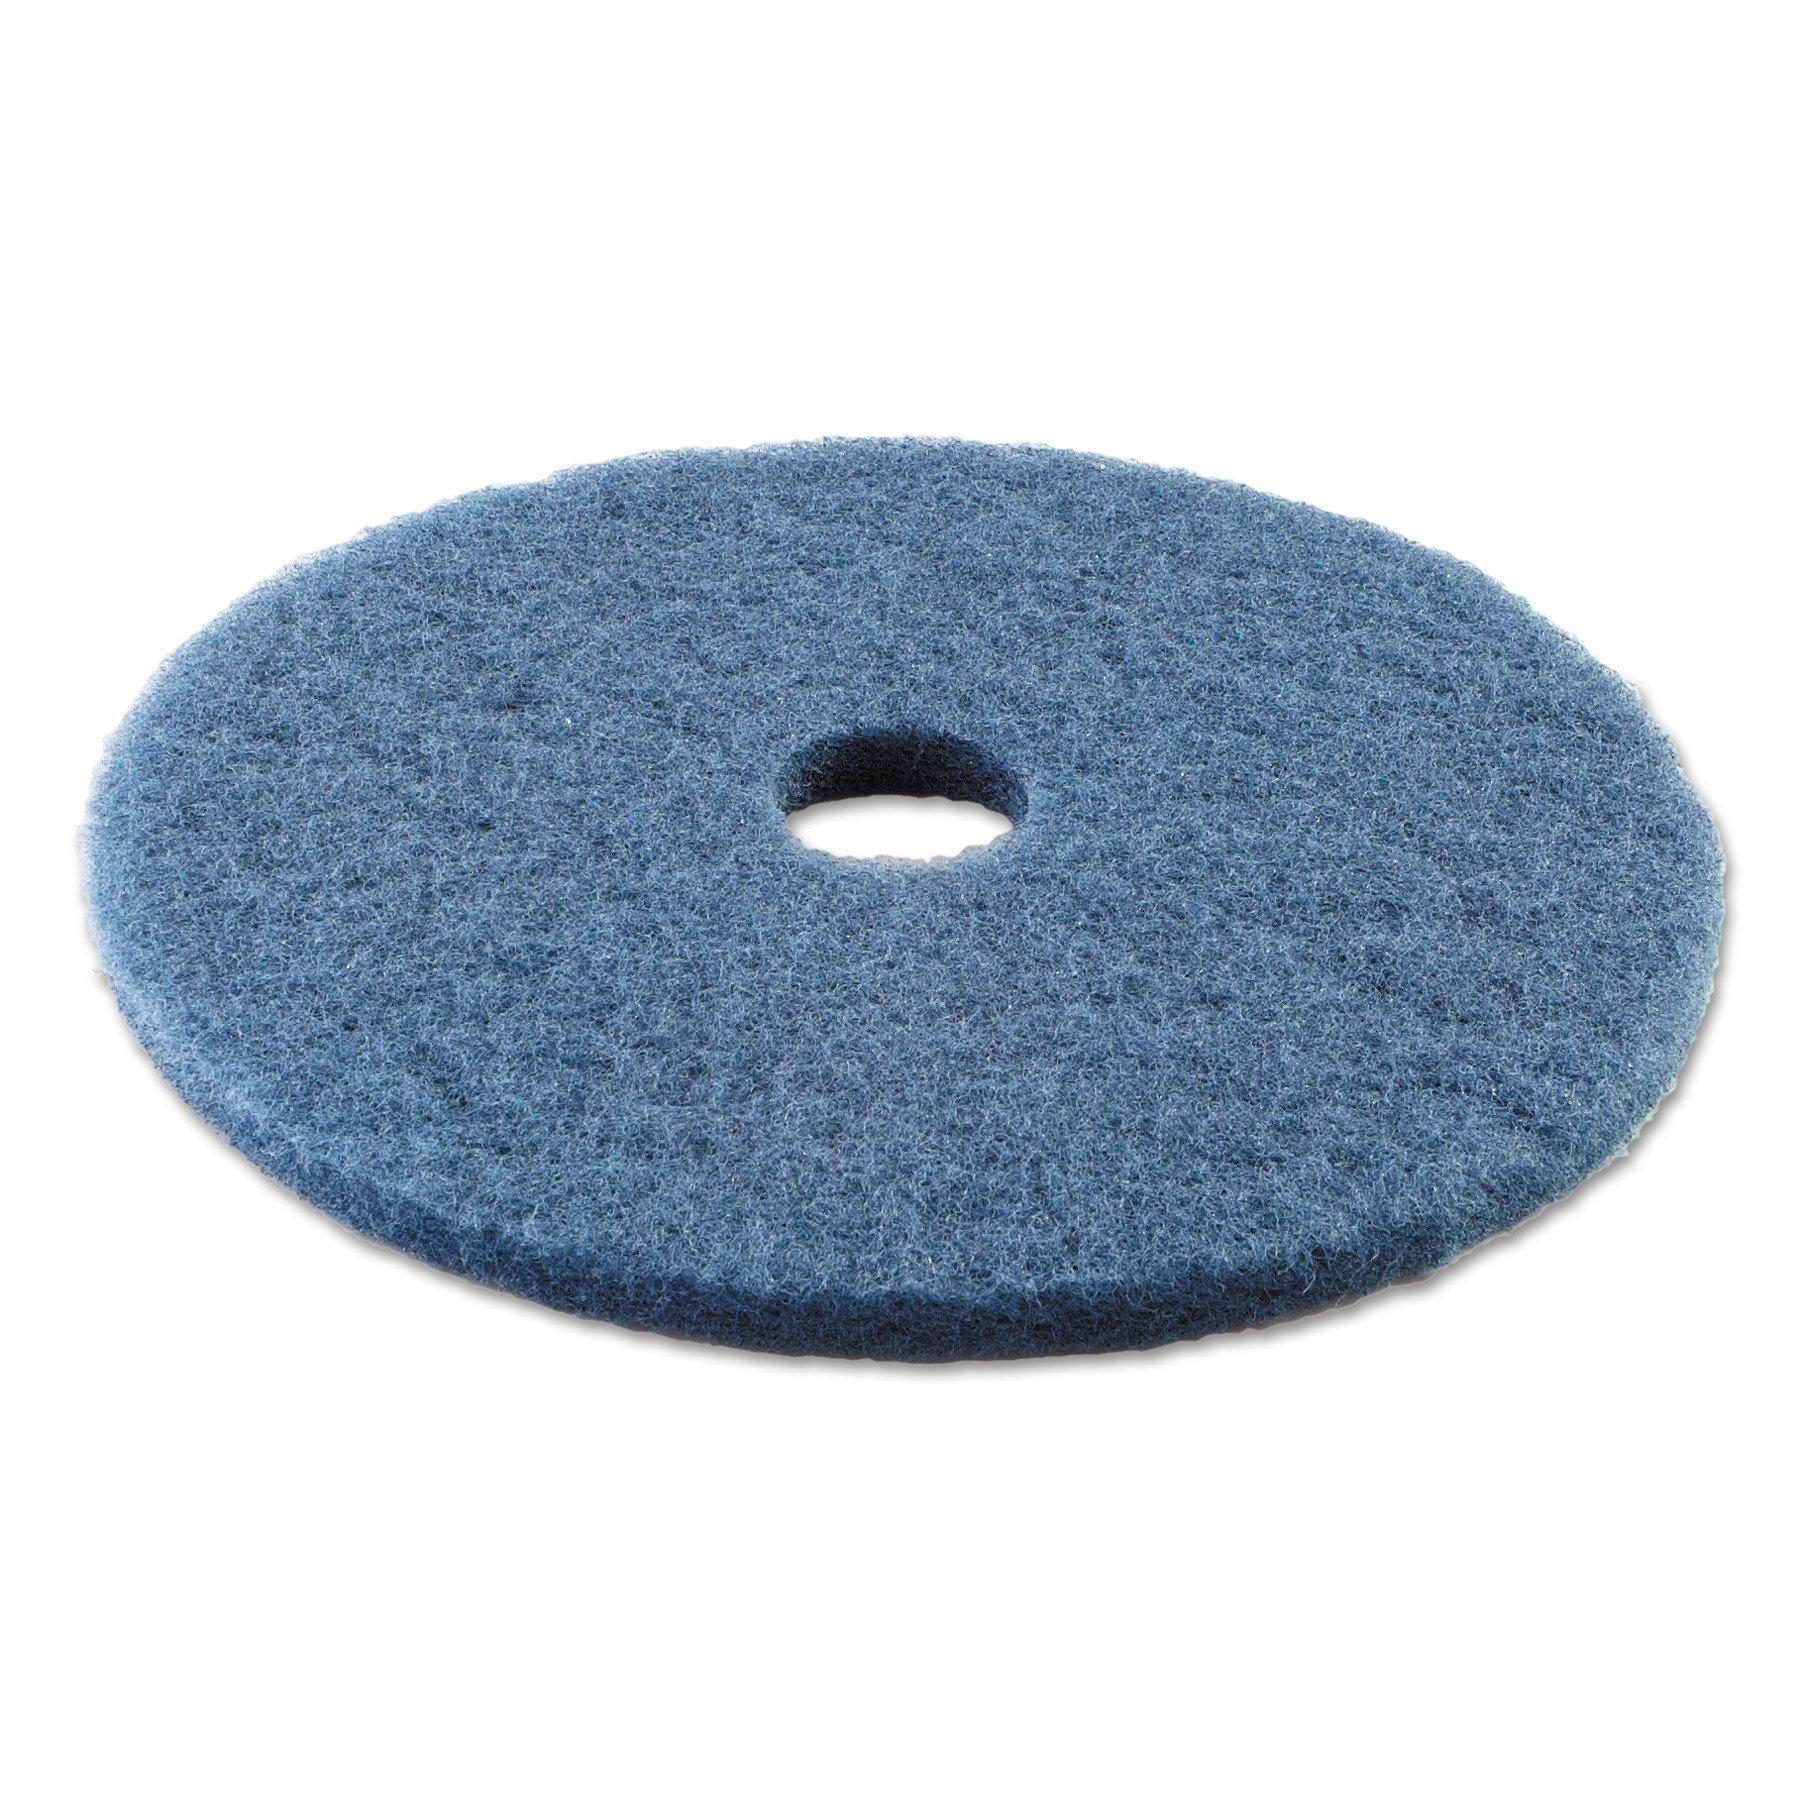 Boardwalk BWK4020BLU Standard Scrubbing Floor Pads, 20'' Diameter, Blue (Case of 5)